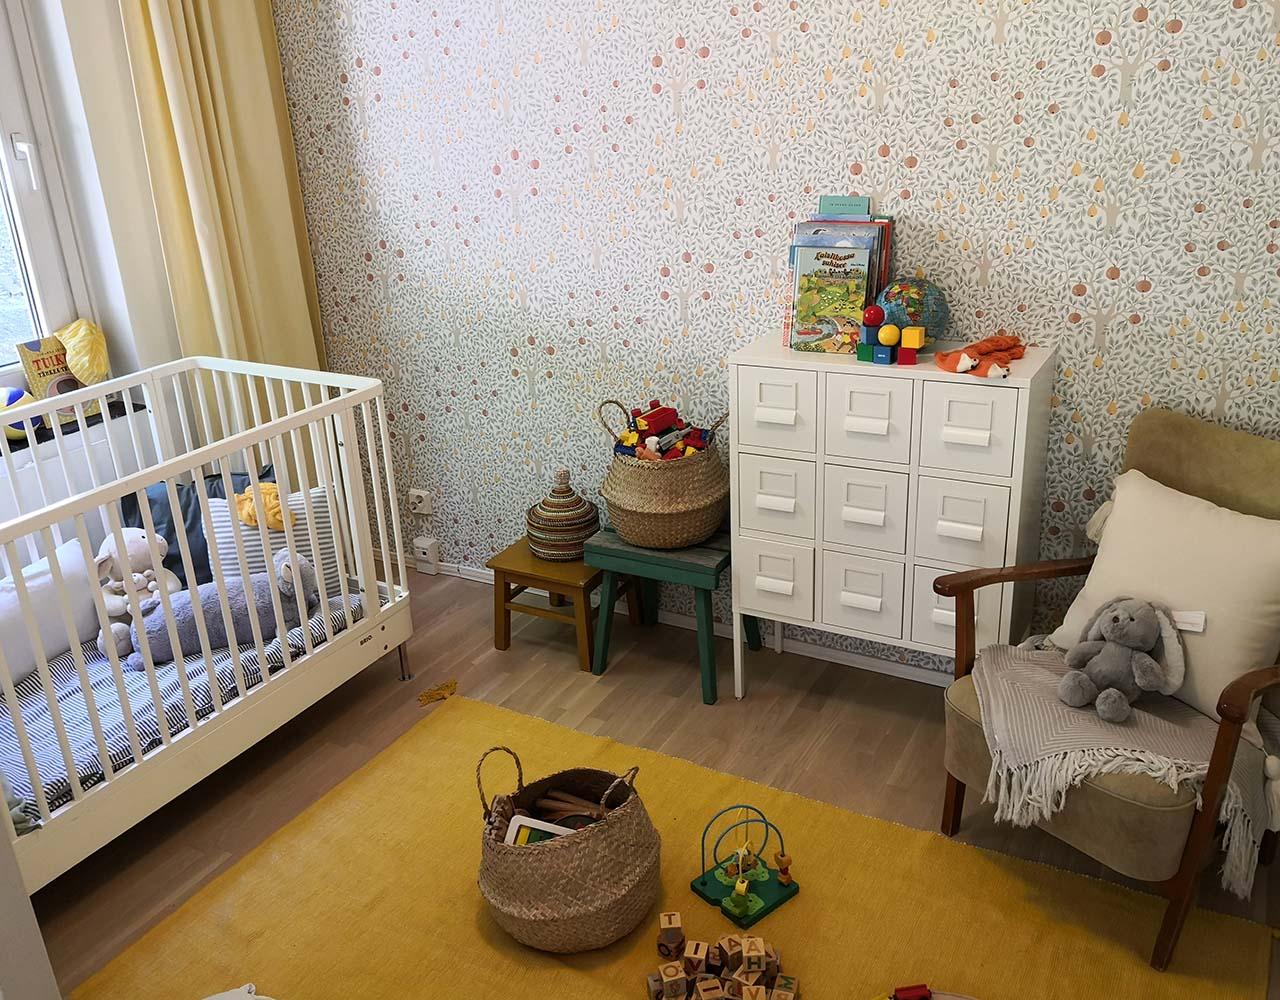 Adoptioneuvonta on vienut Tiian ja Rikun kohti adoptiota. Kuvan pinnasänky ja hempeästi sisustettu huone odottavat uutta perheenjäsentä.